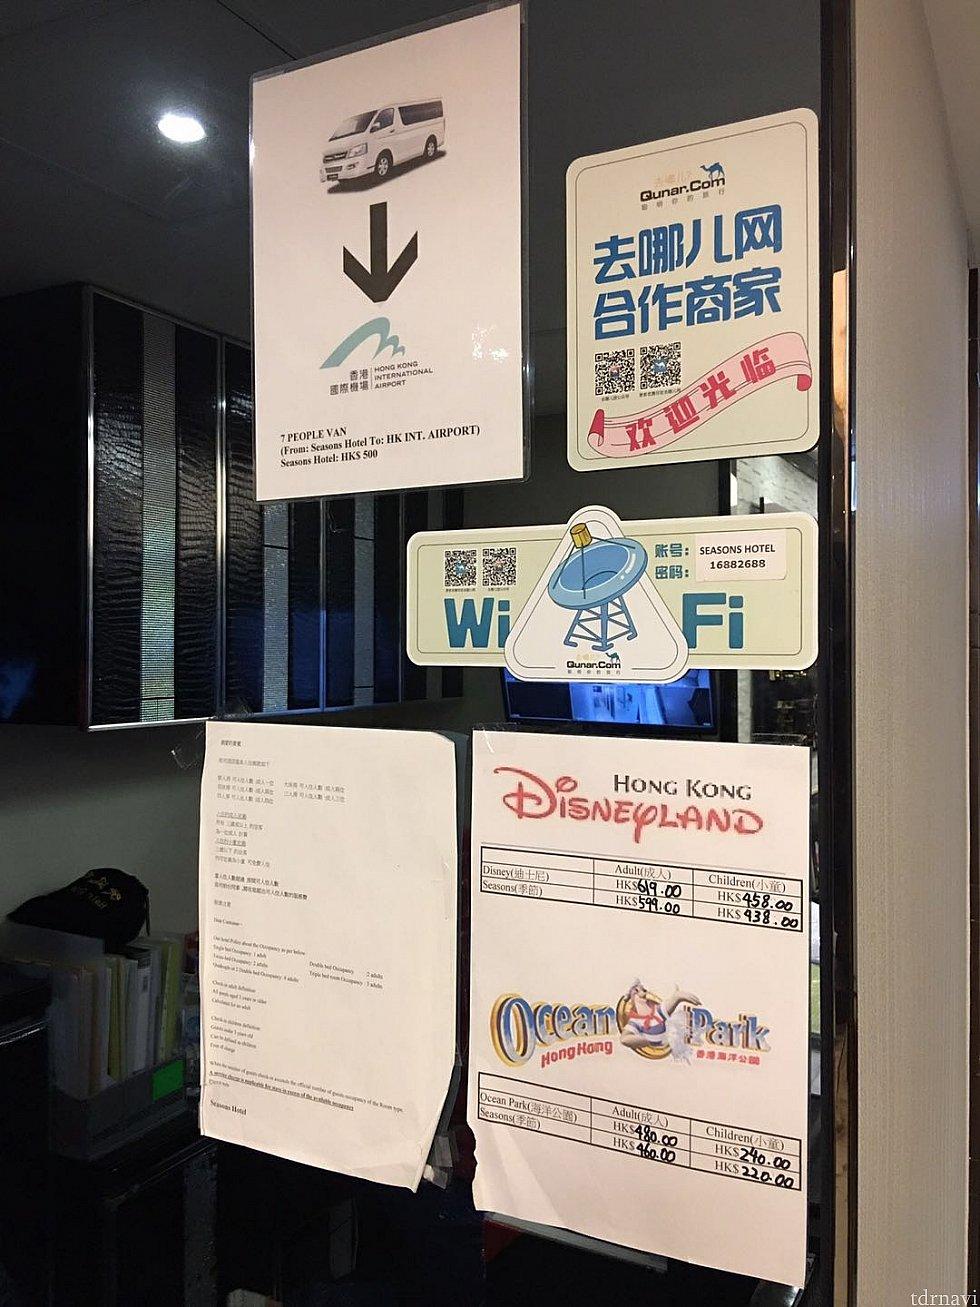 ディズニーランド、オーシャンパークのチケットを割引き価格で購入できるようです。ホテル内は無料Wi-Fi完備です。